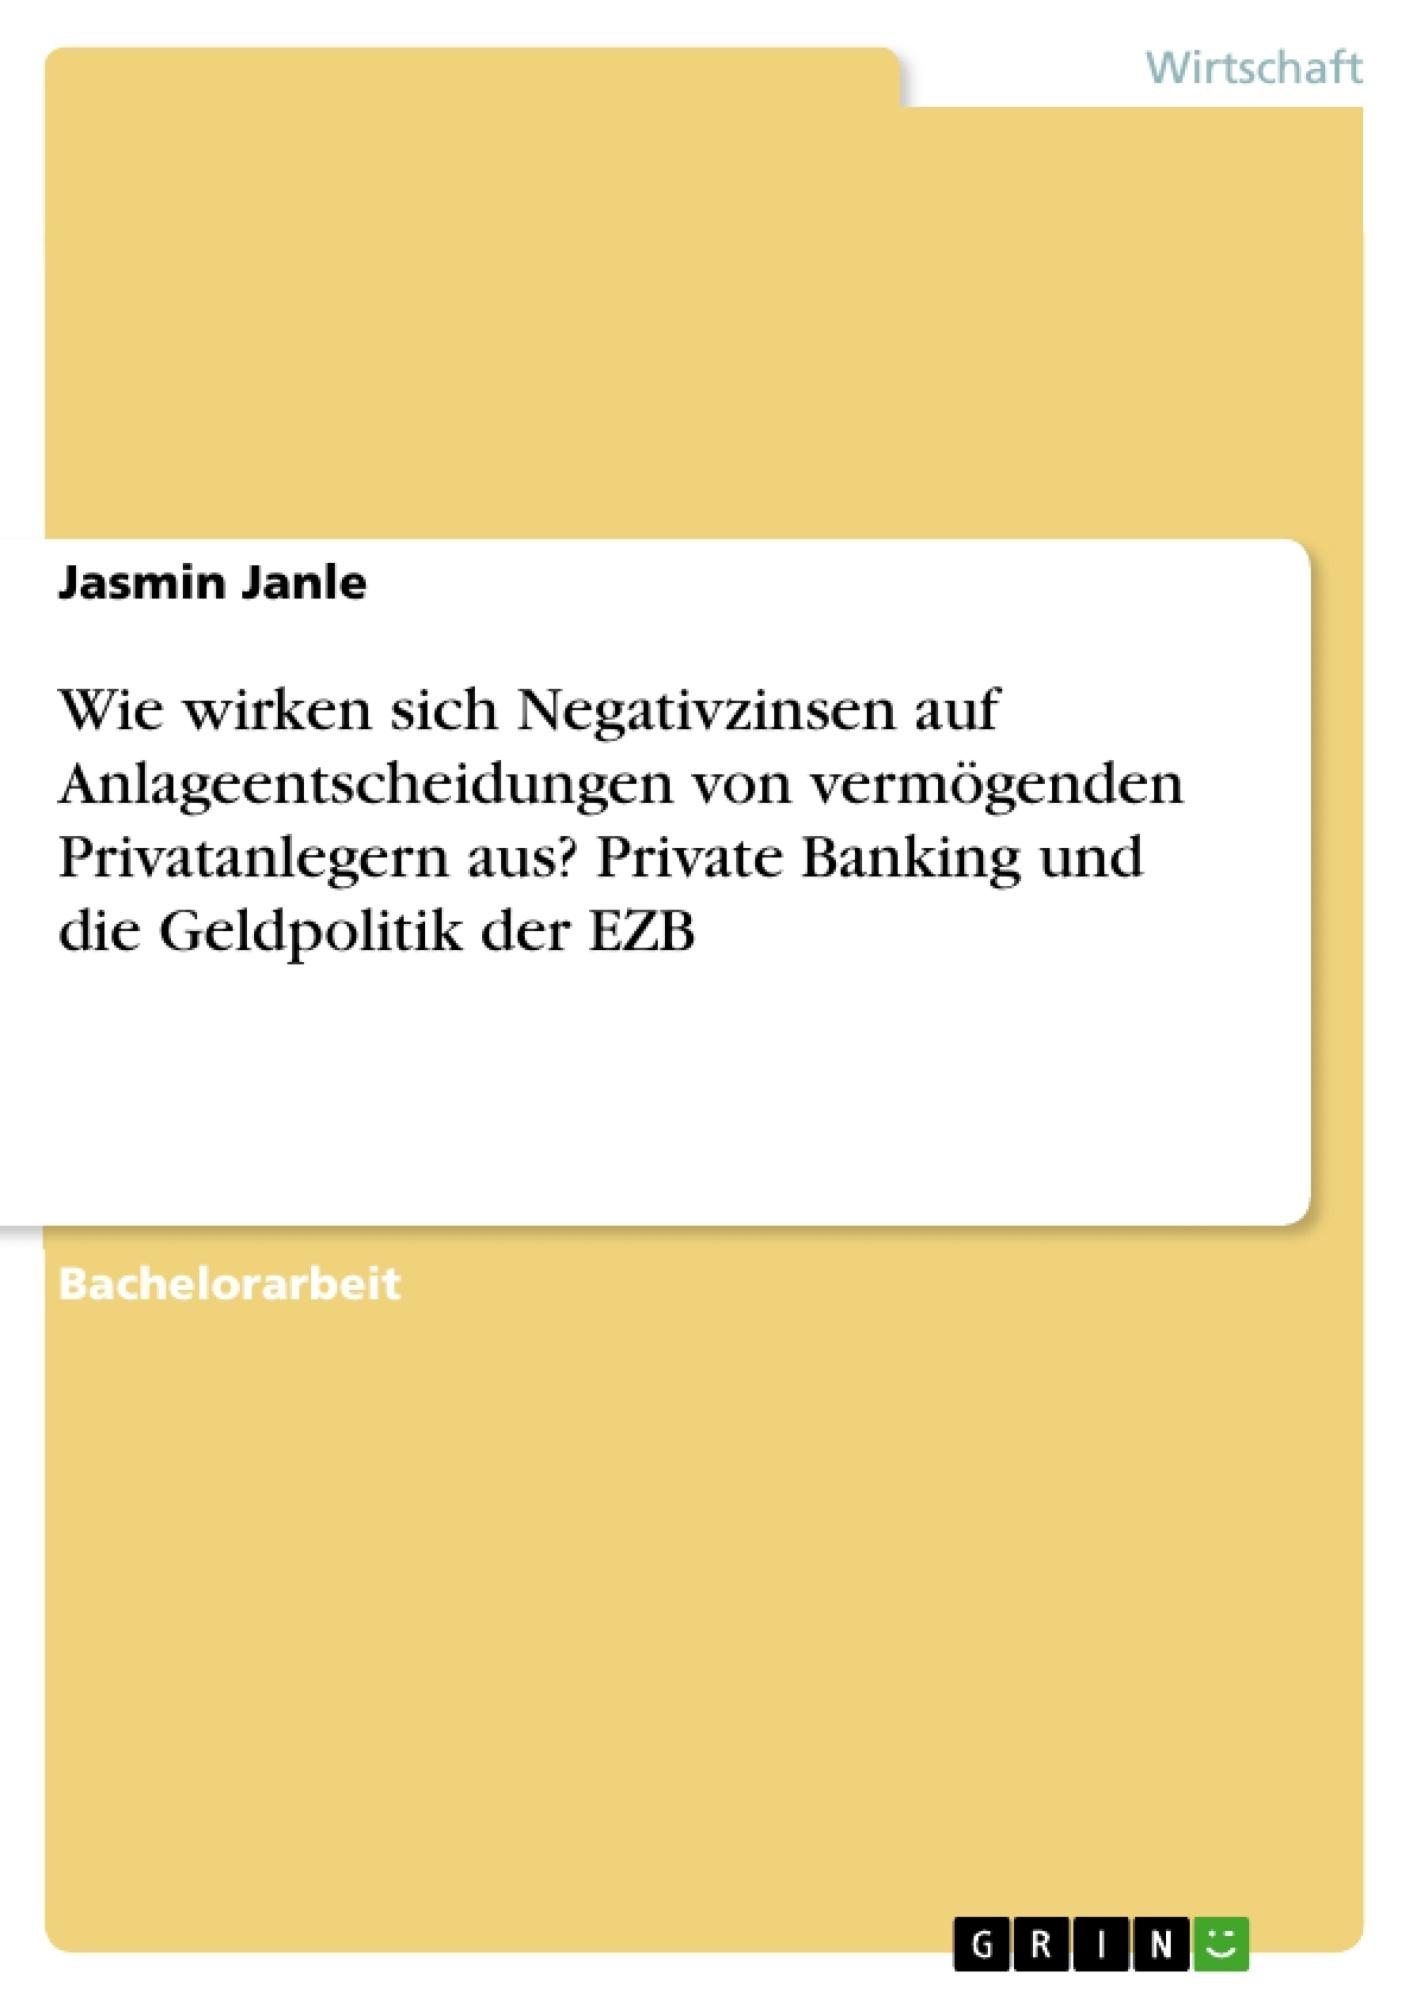 Titel: Wie wirken sich Negativzinsen auf Anlageentscheidungen von vermögenden Privatanlegern aus? Private Banking und die Geldpolitik der EZB